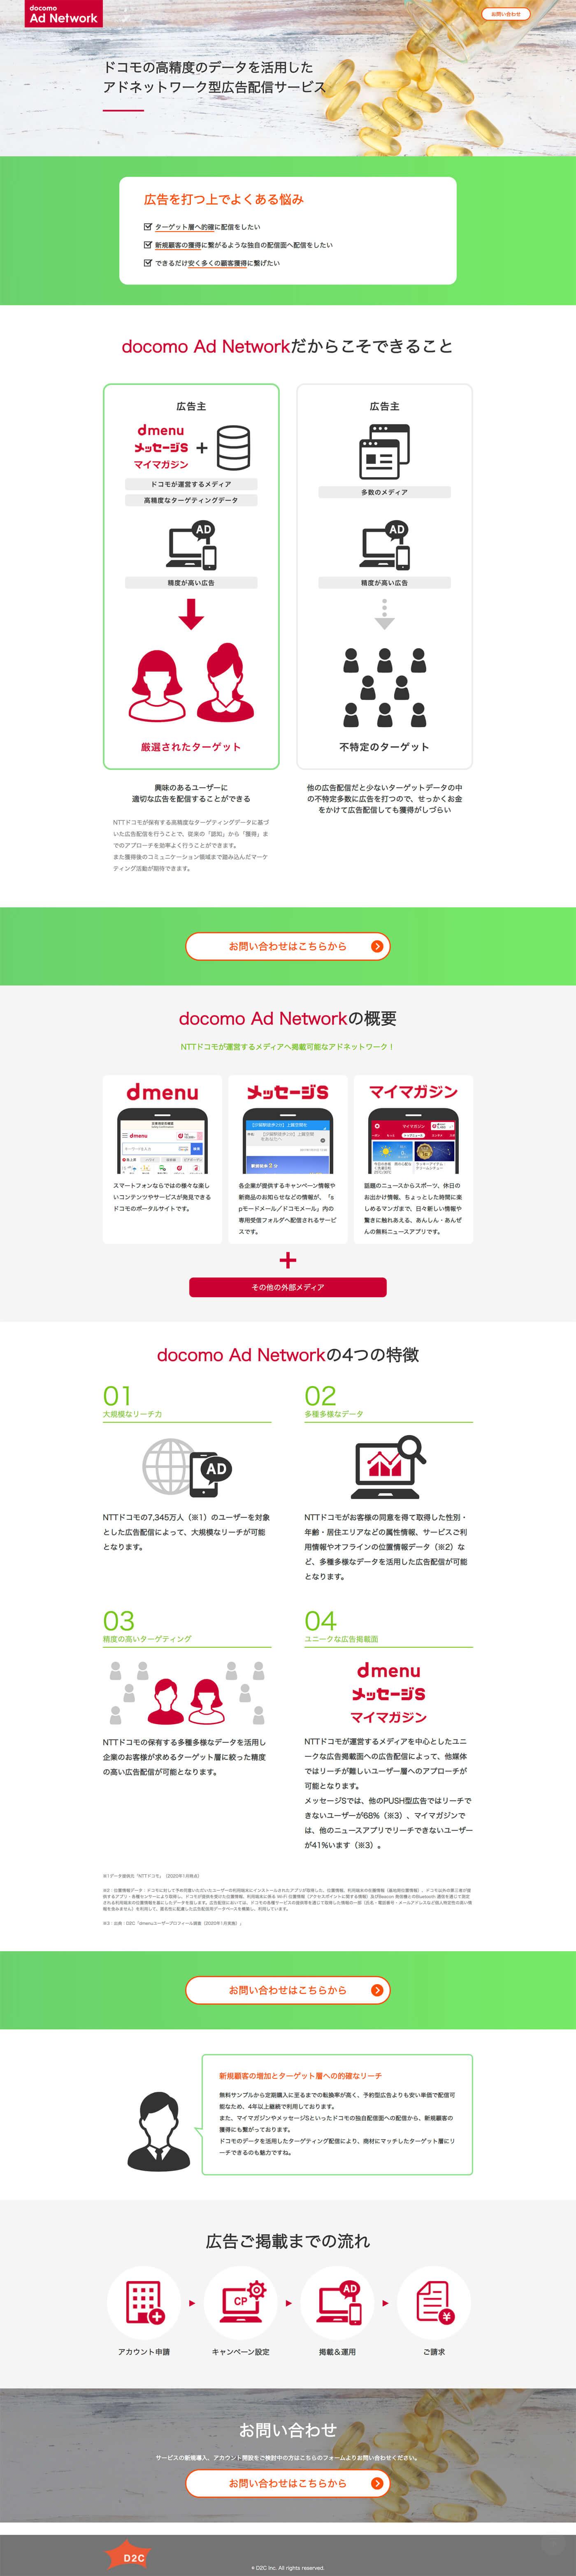 docomo Ad Network